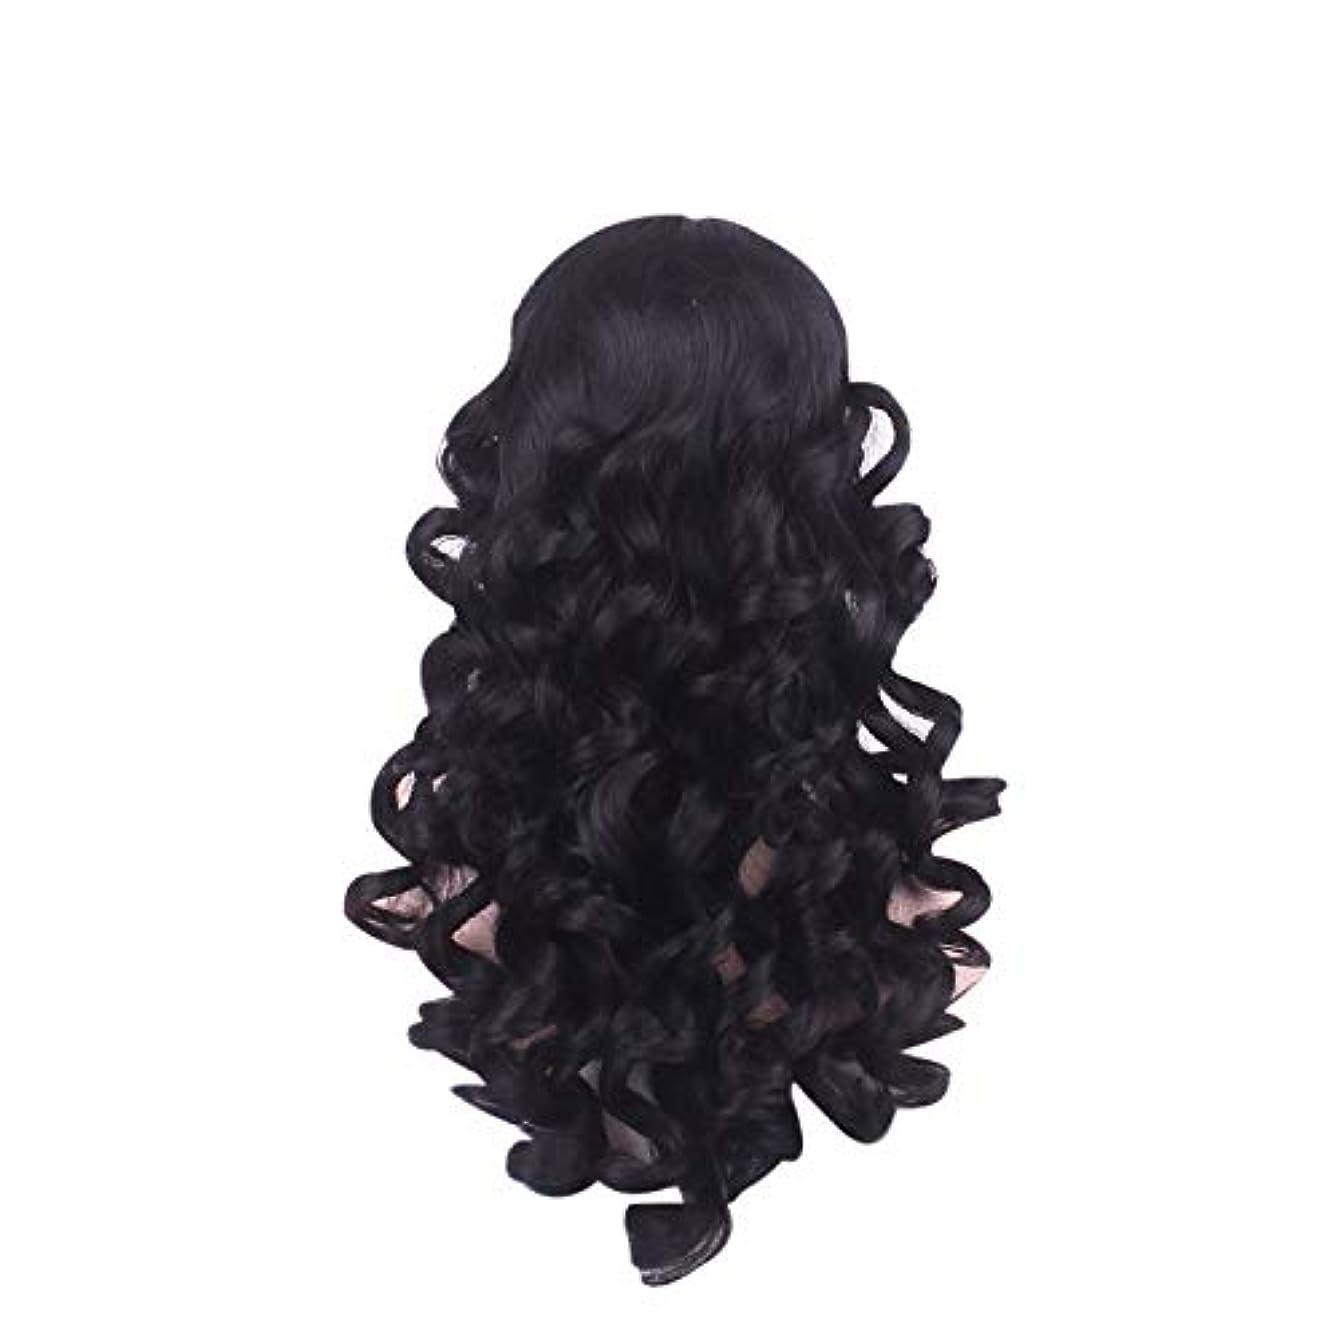 骨代理店代理店女性の長い巻き毛のファッションかつらローズネット65 cm